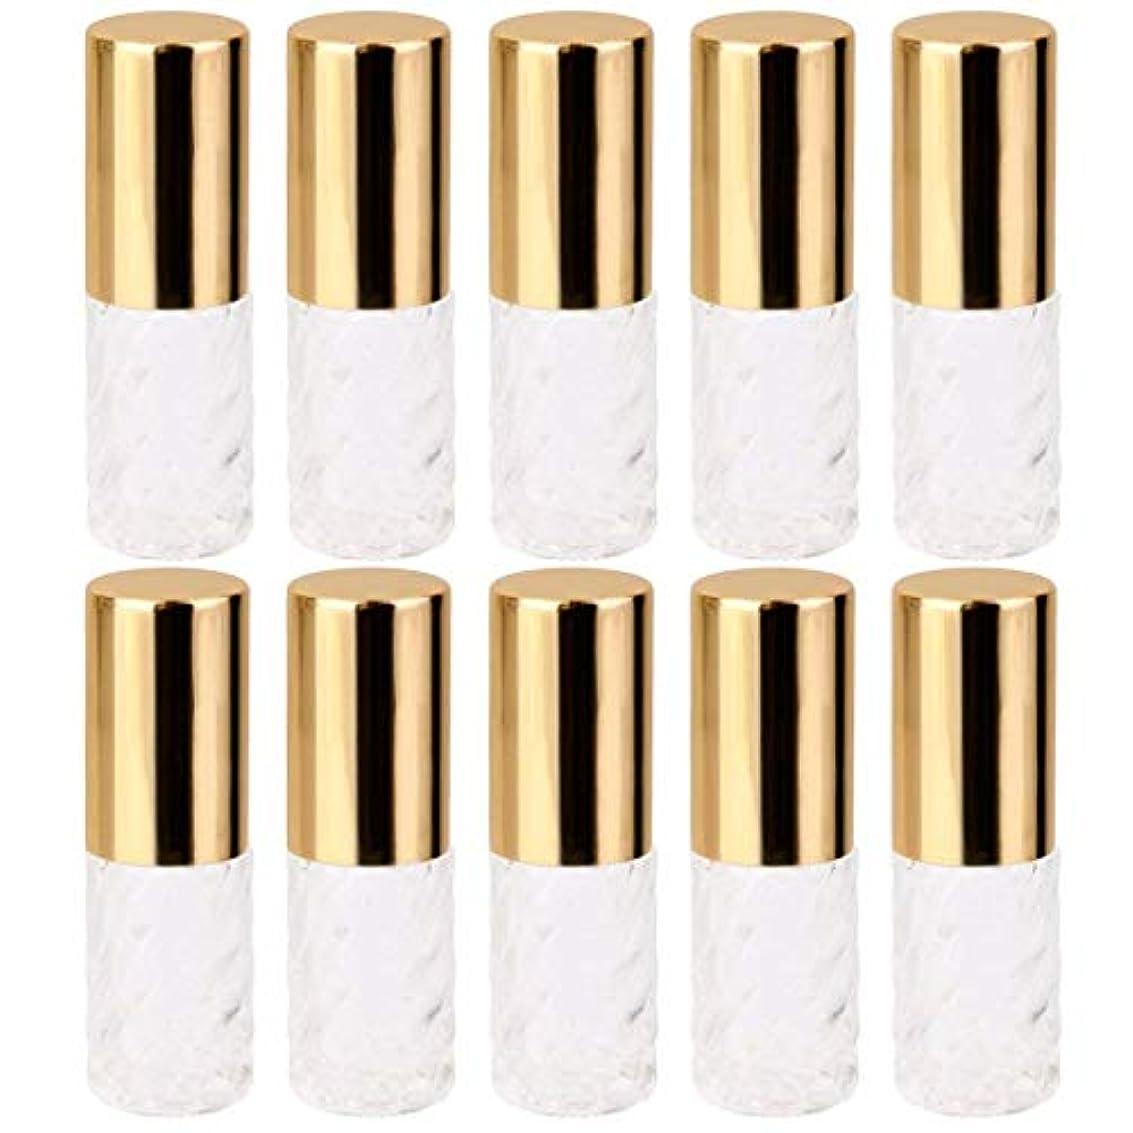 ブースト低下教義10個 5ml 透明 交換 旅行 空 ロールオン ガラス 香水瓶 容器 コスメ 詰替え 便利